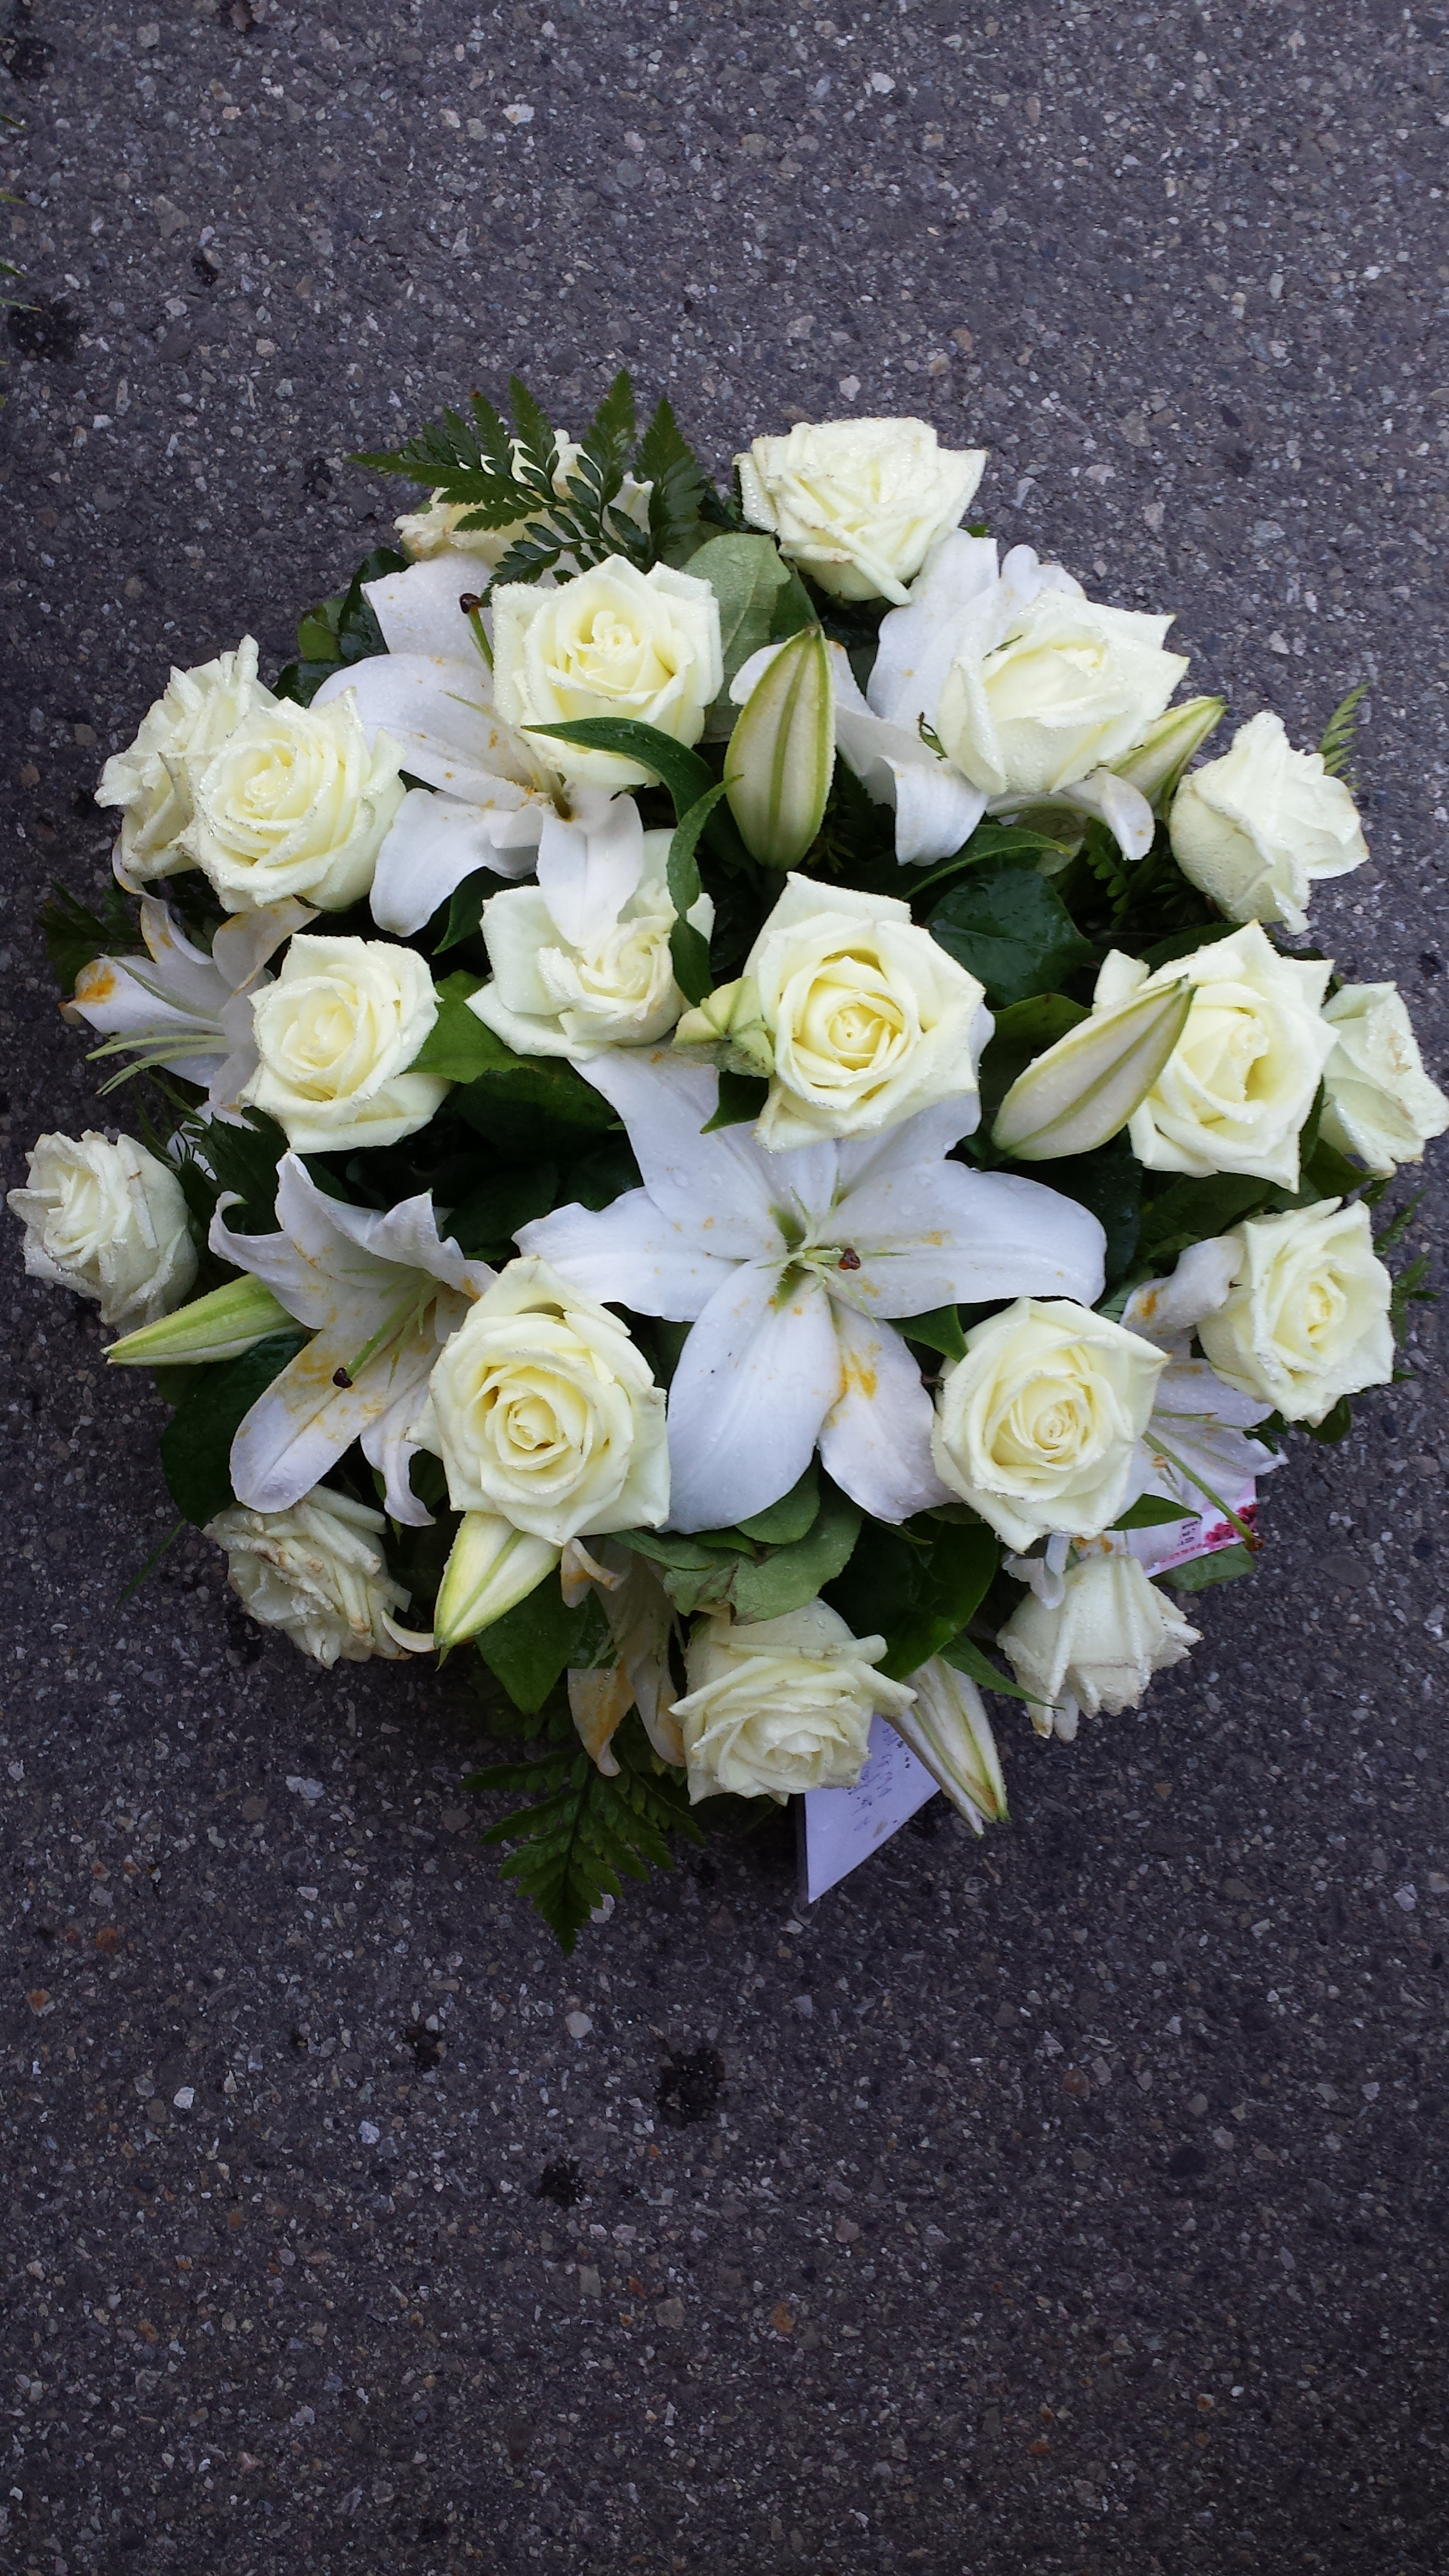 Nos arrangements 2 arrangement dans une corbeille roses blanche et lys blanc - Lys blanc signification ...